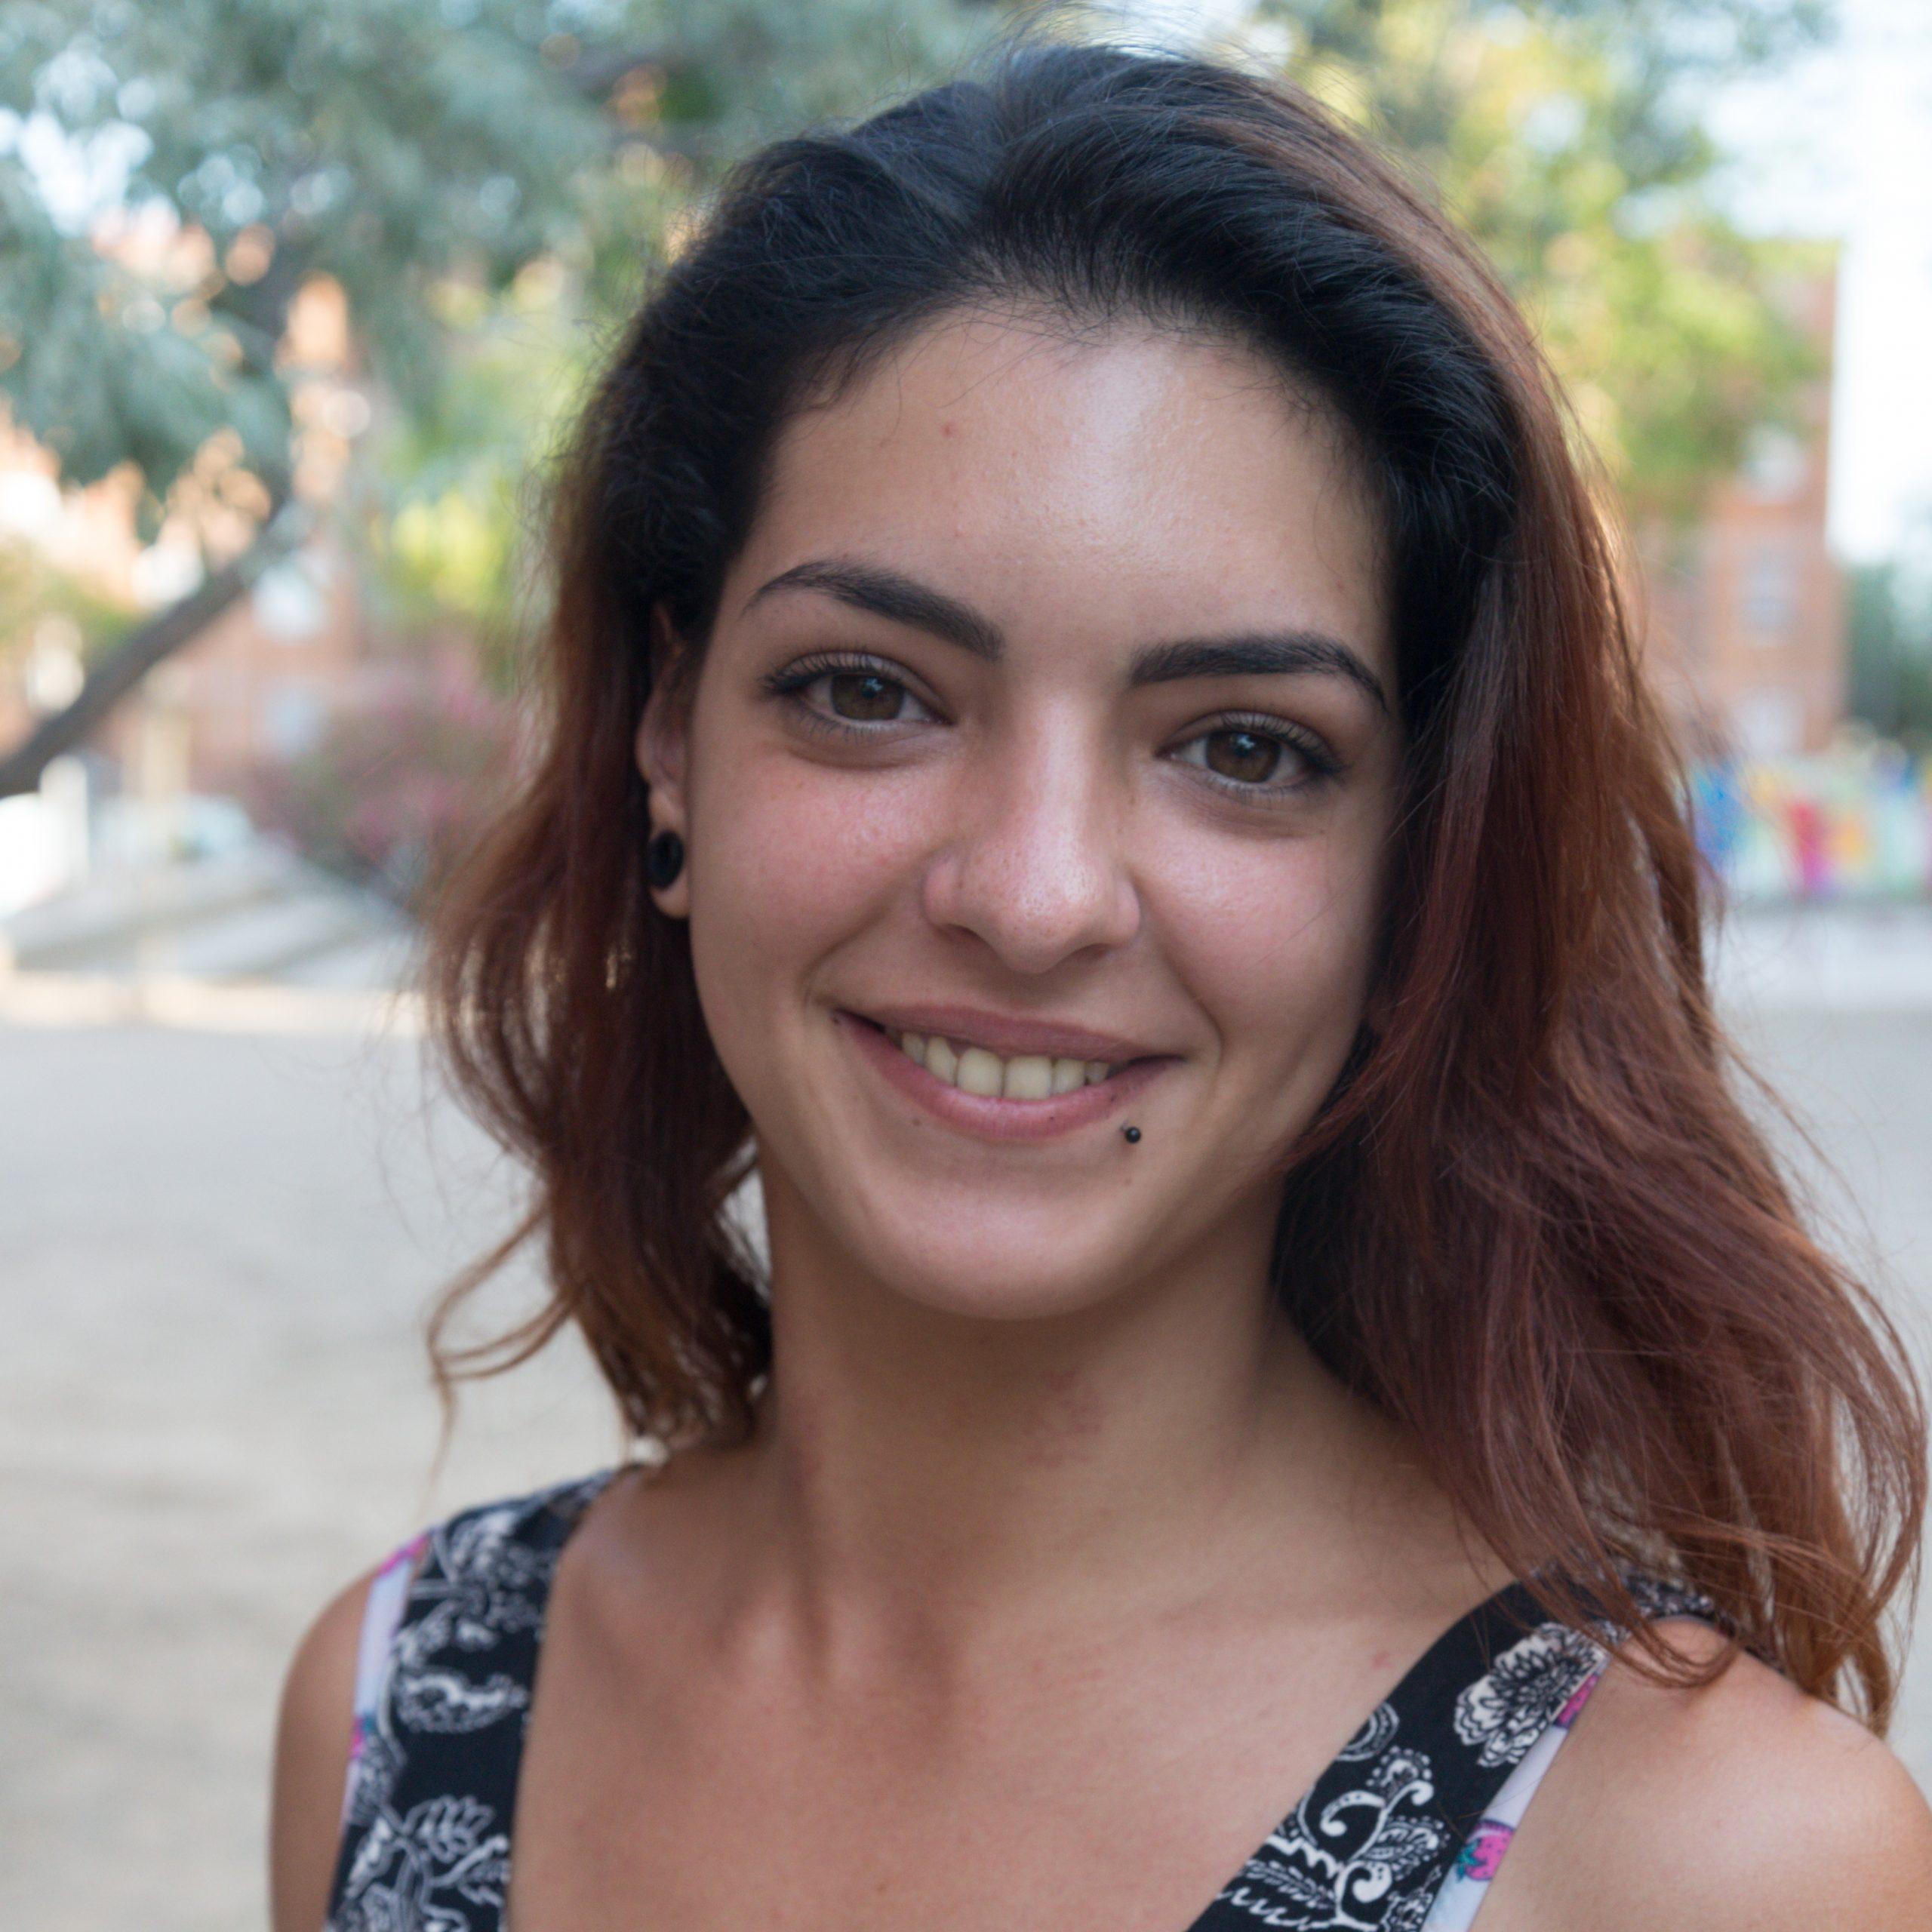 Profile picture of Nadia Basciu